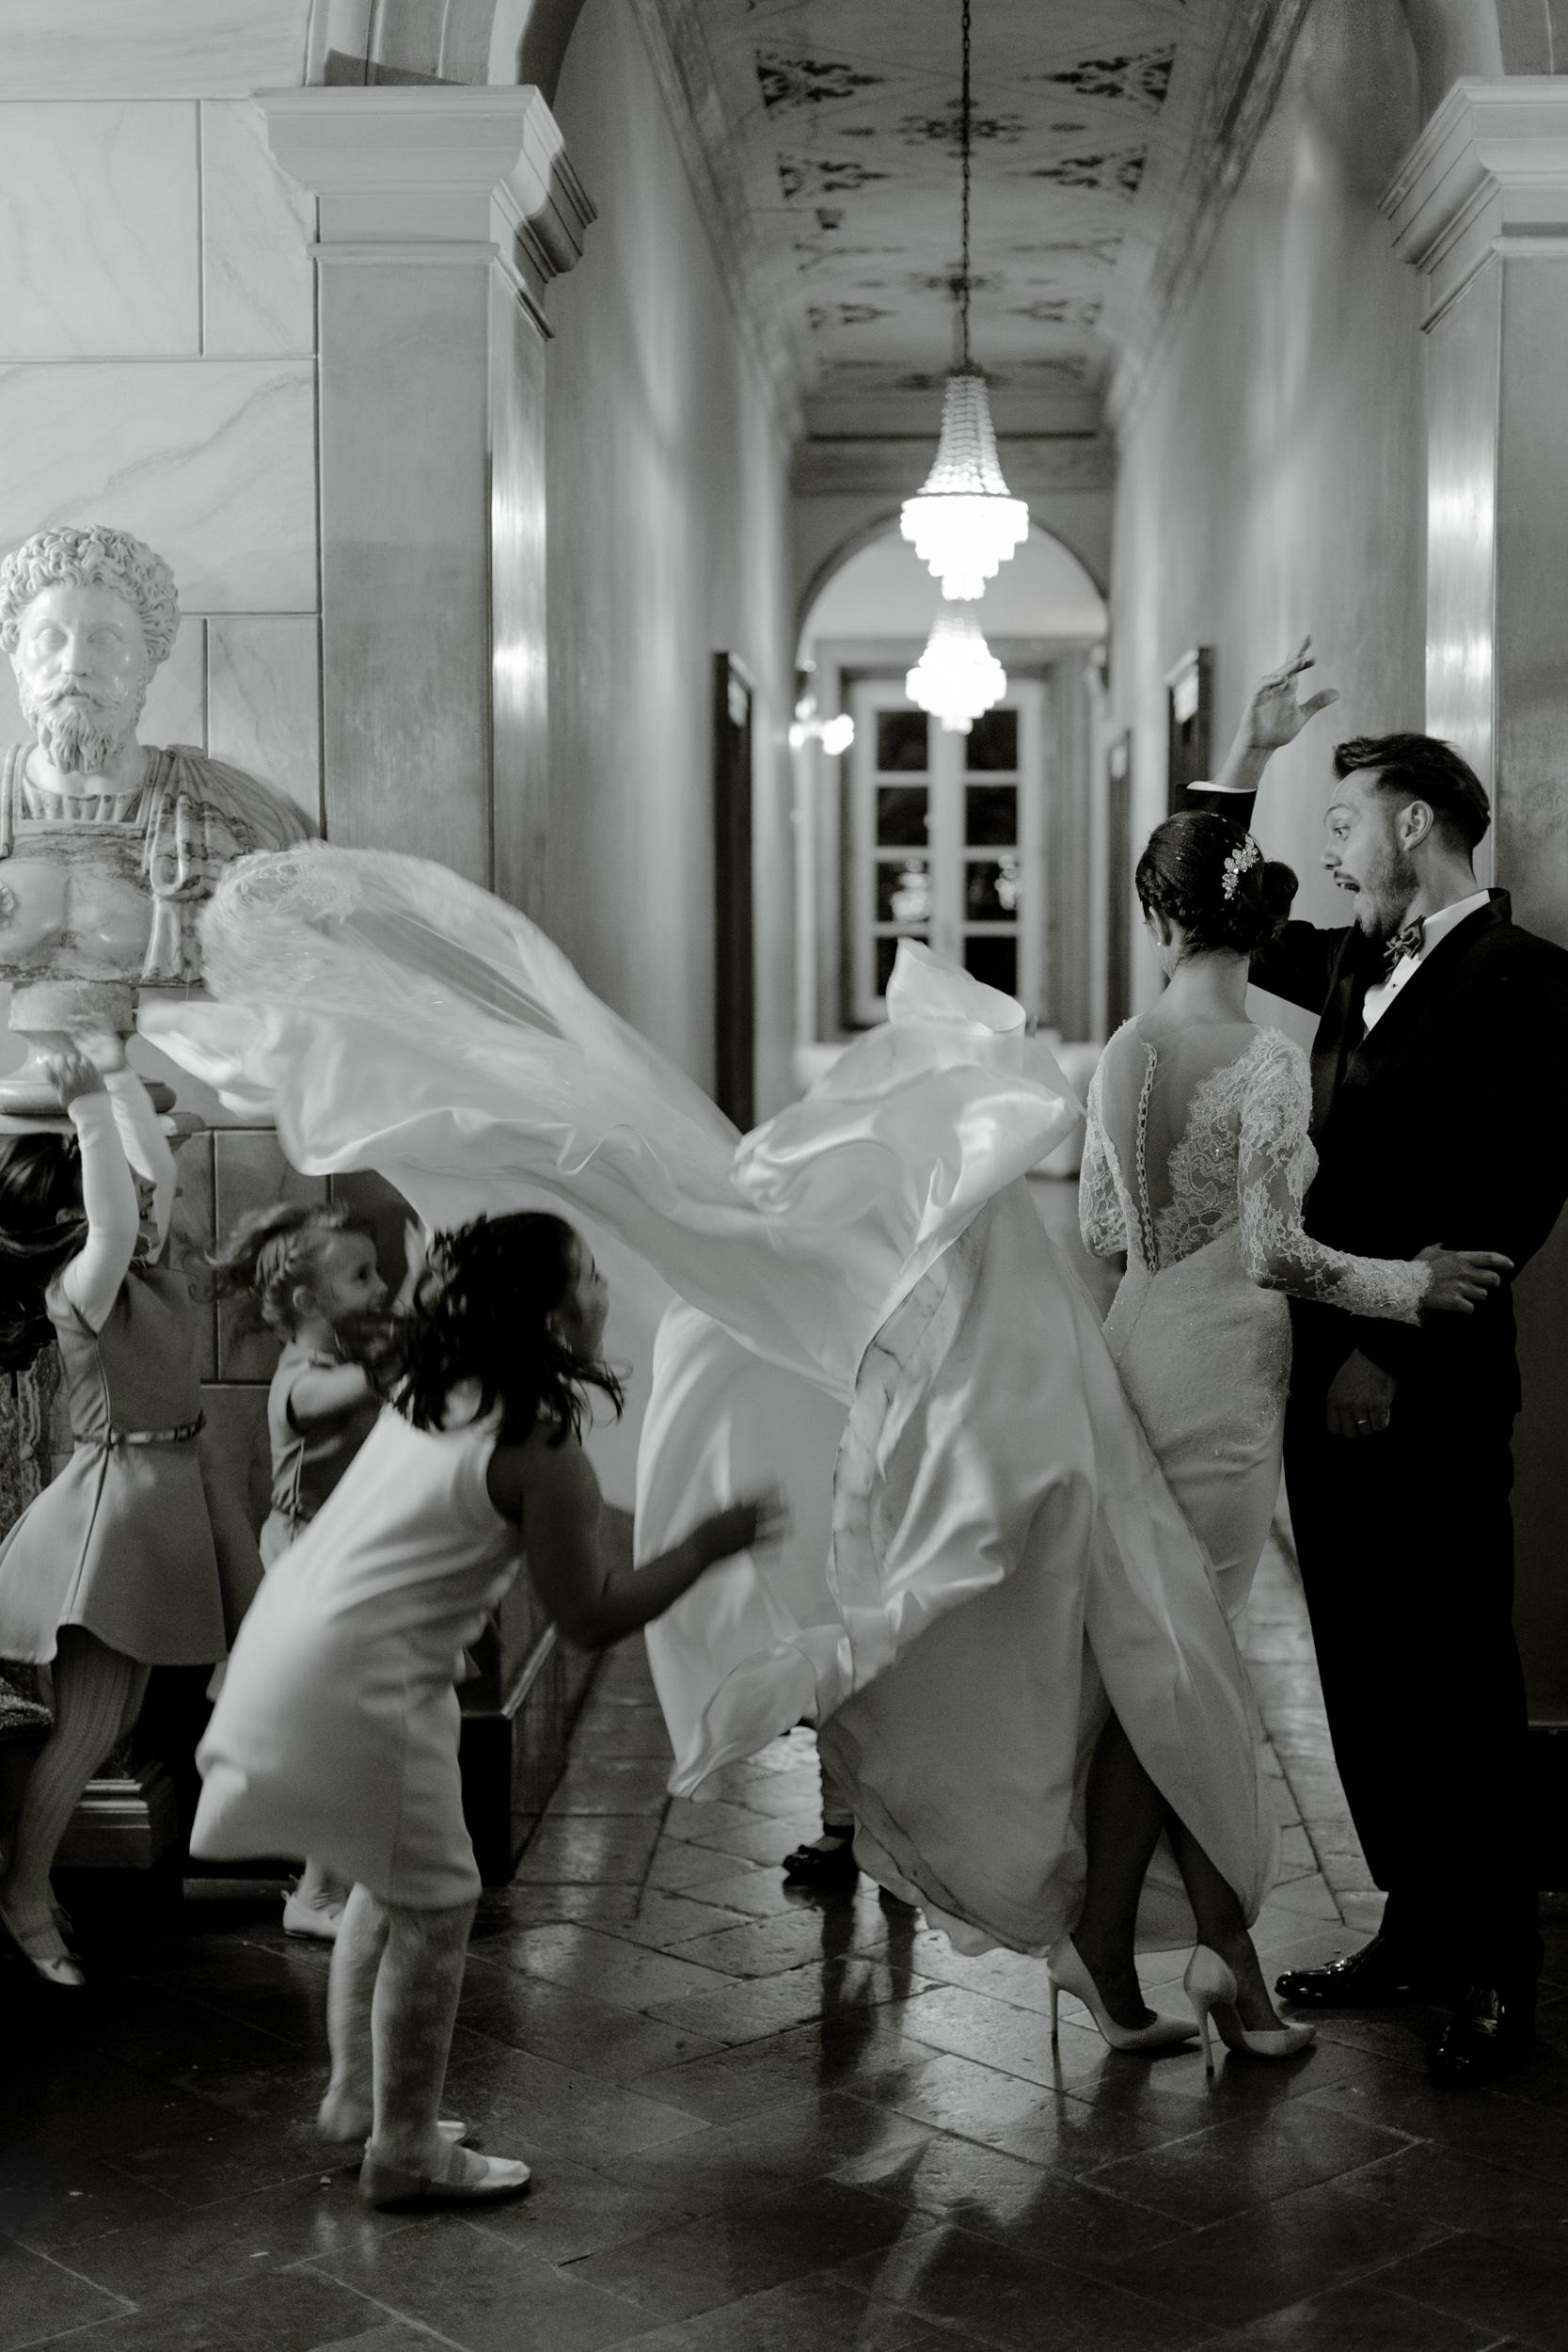 kids-at-weddings.jpg